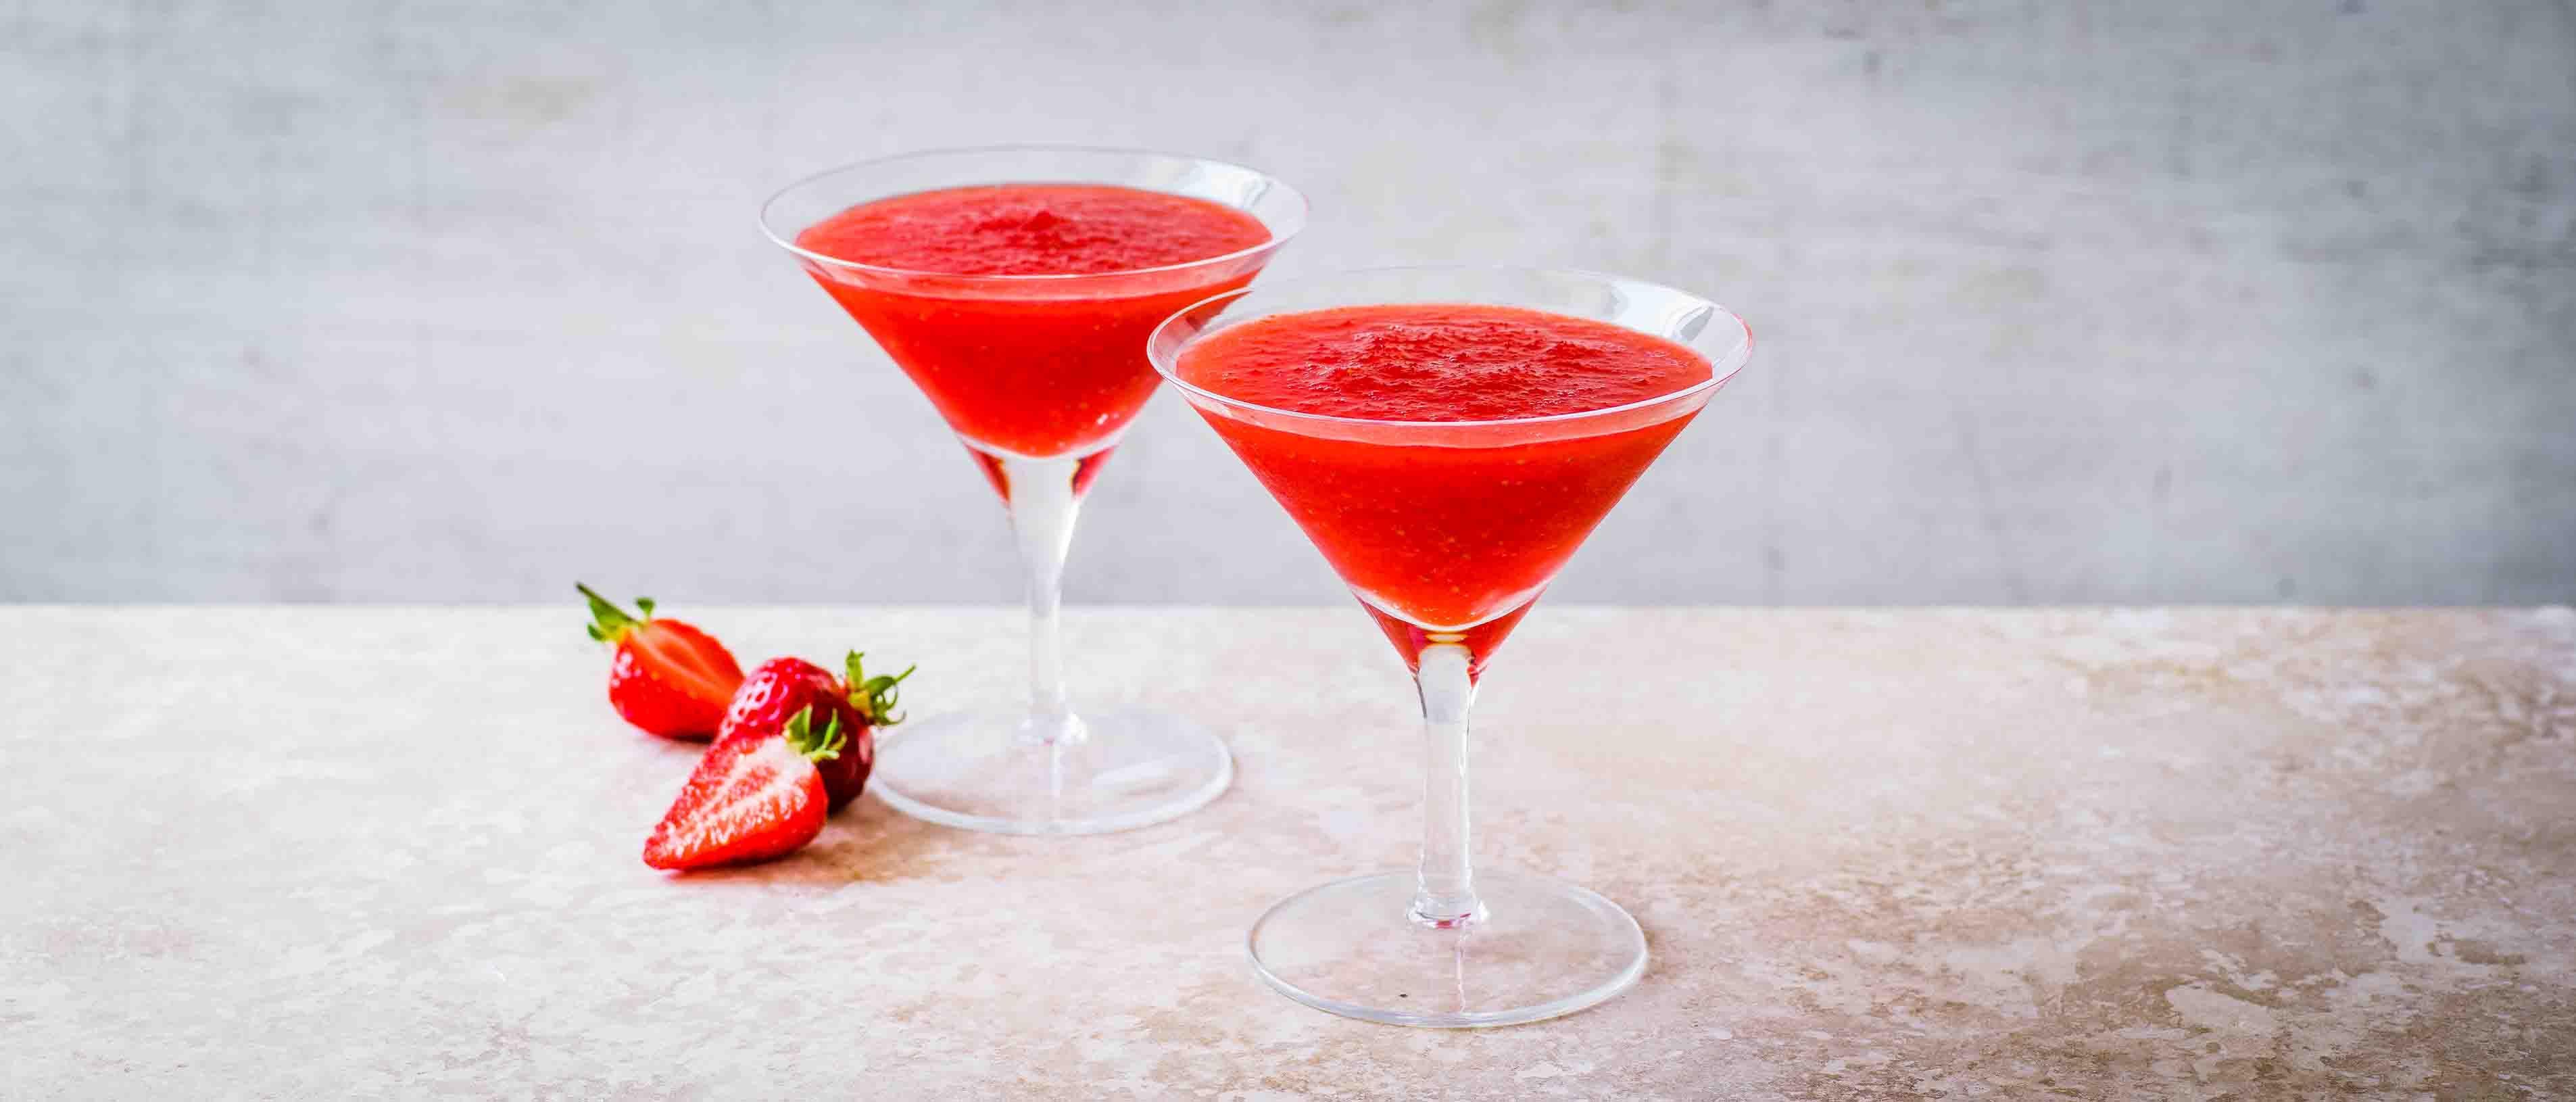 Rețetă congelată Daiquiri cu căpșuni